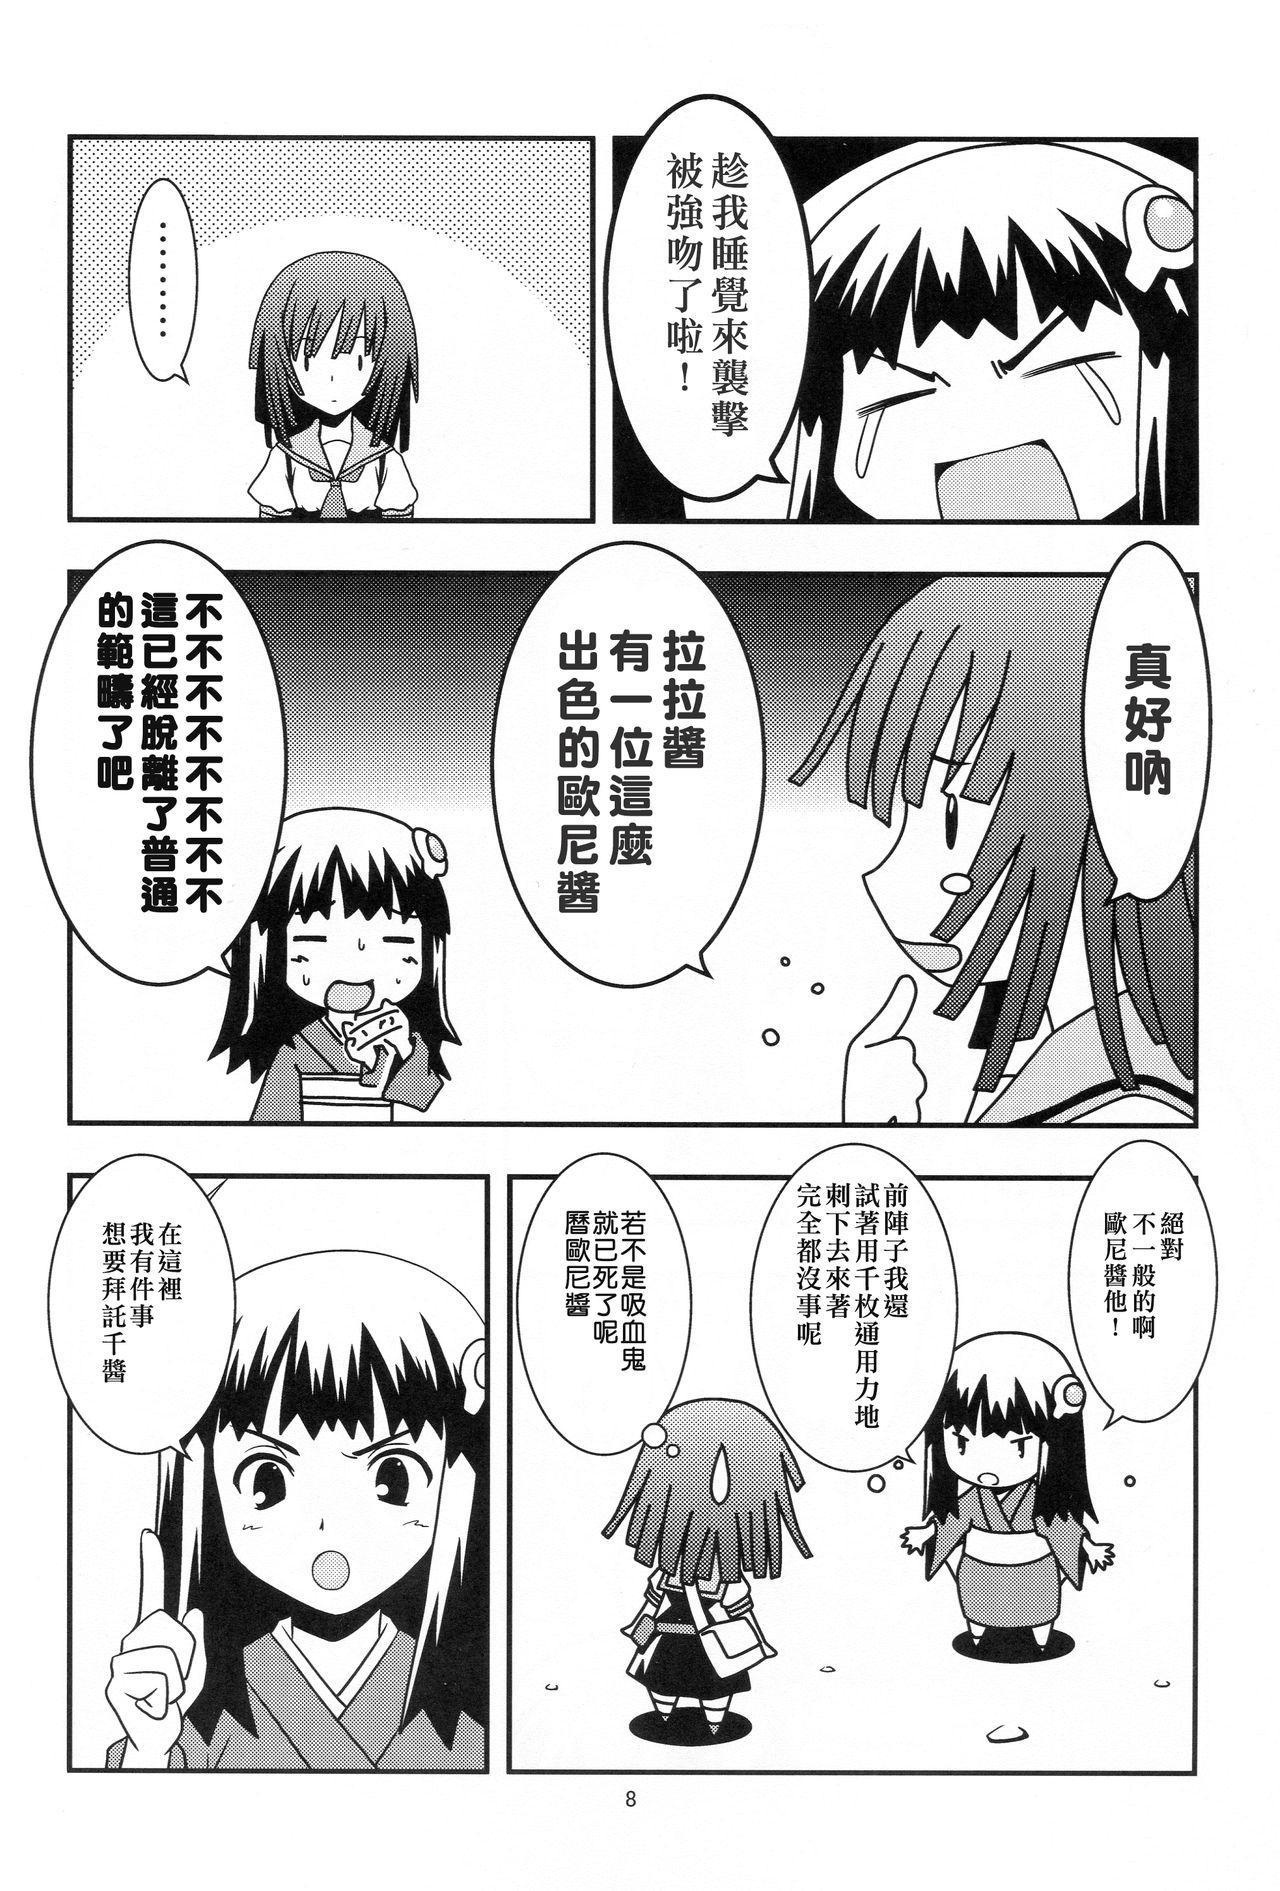 Nii-chan wa Sonna Koto Dakara 7